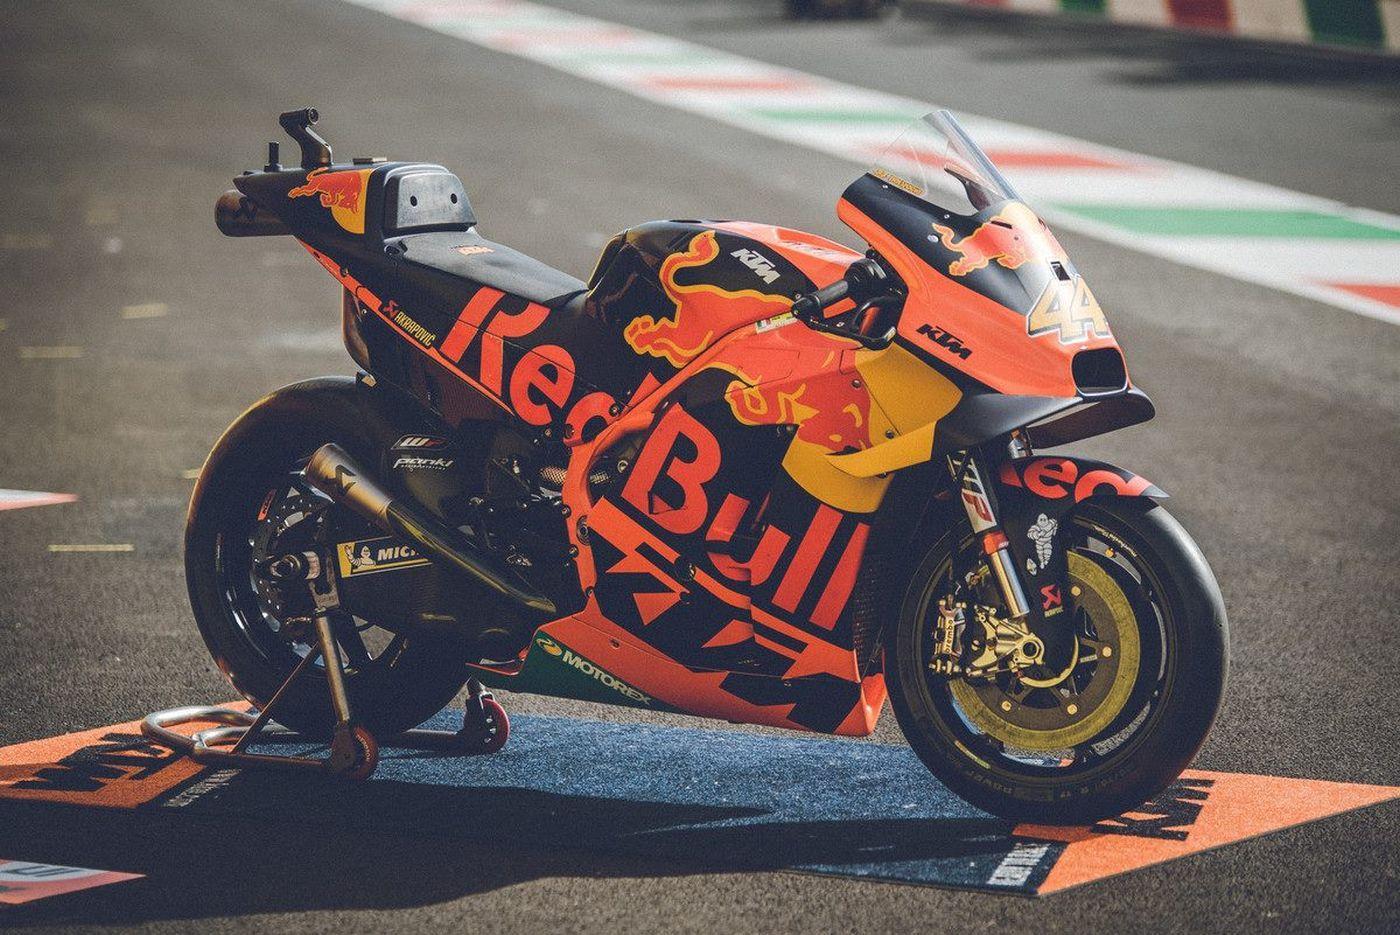 KTM RC cijena MOTO GP motor